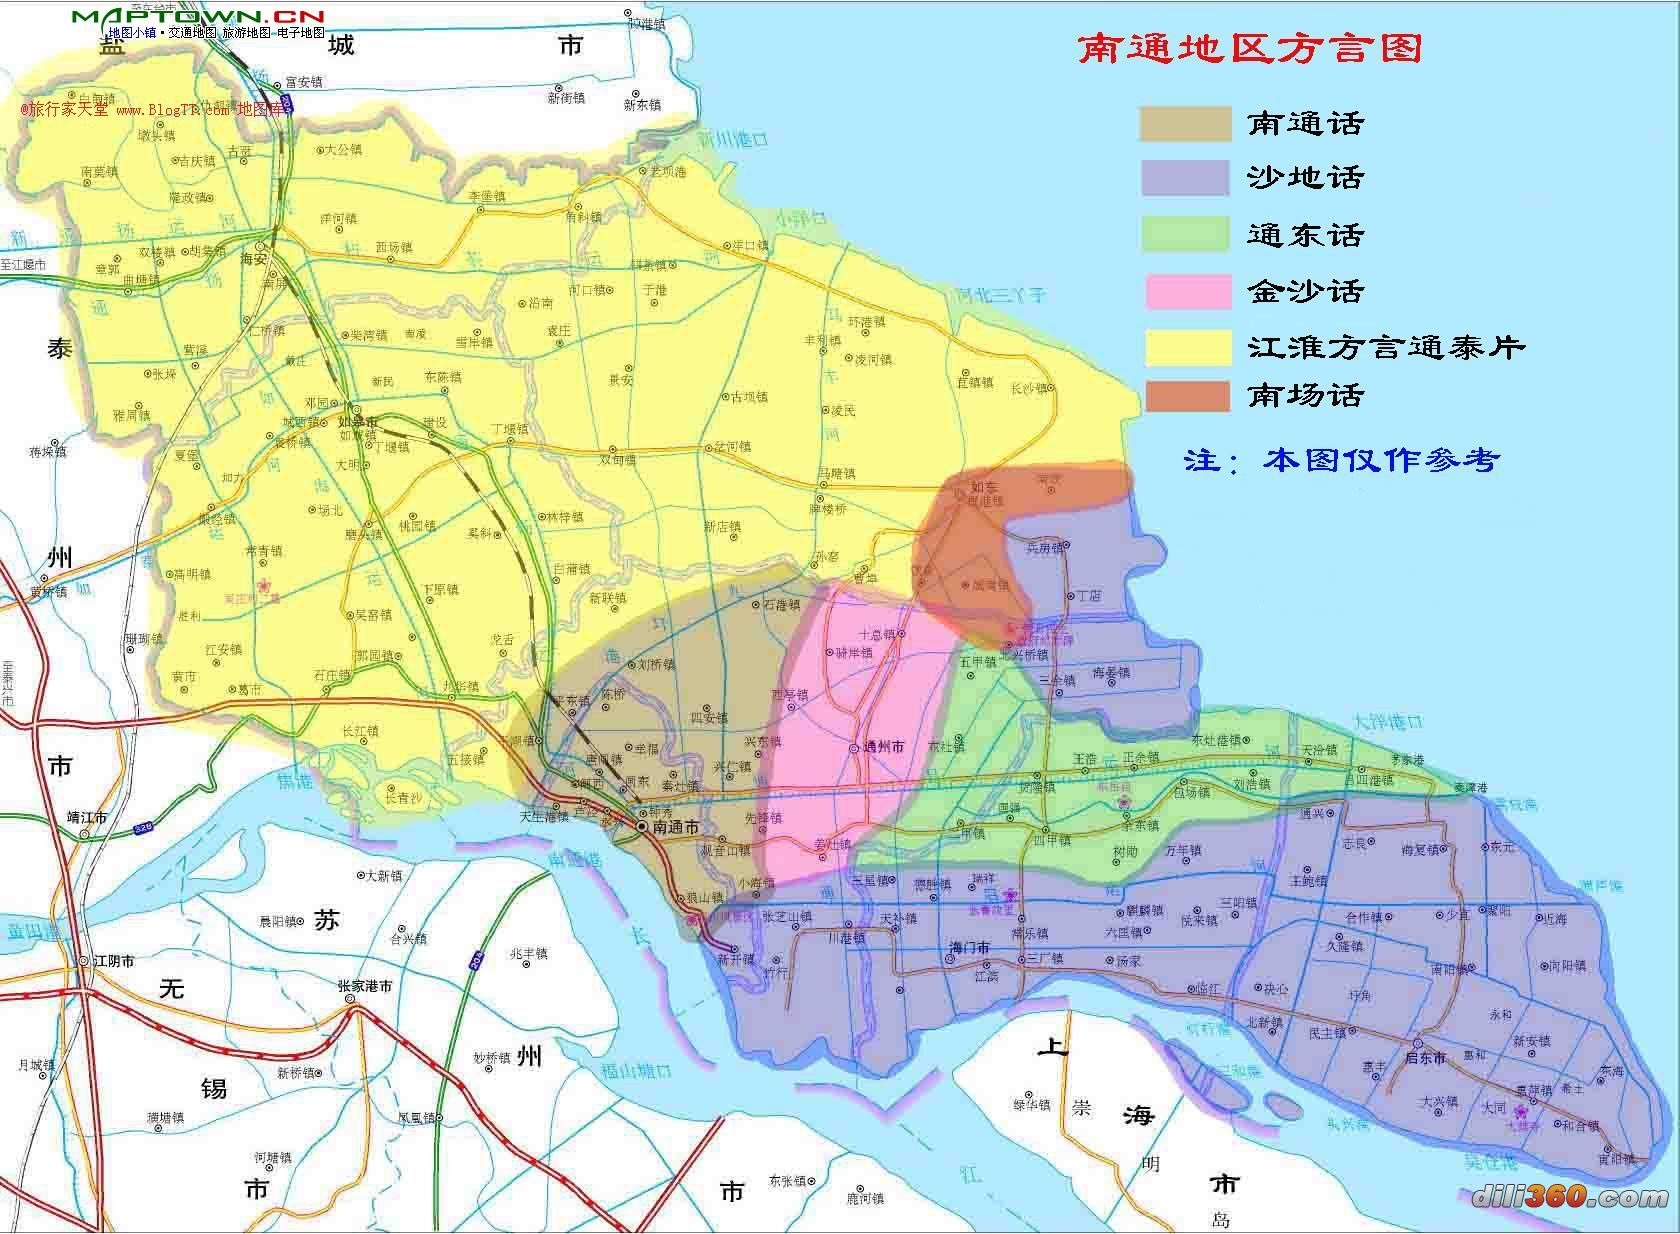 南通方言分布图